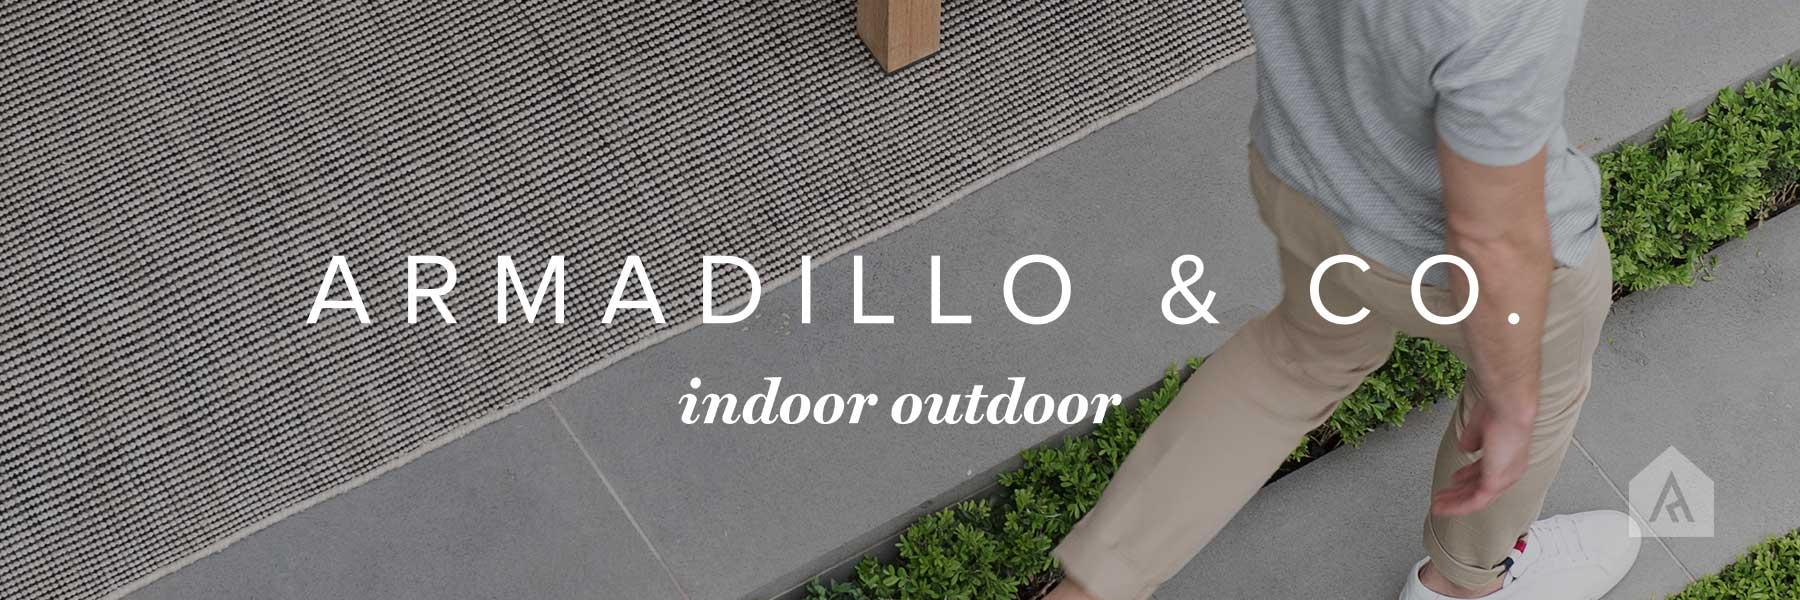 Armadillo Indoor Outdoor CollectionArmadillo Indoor Outdoor Collection